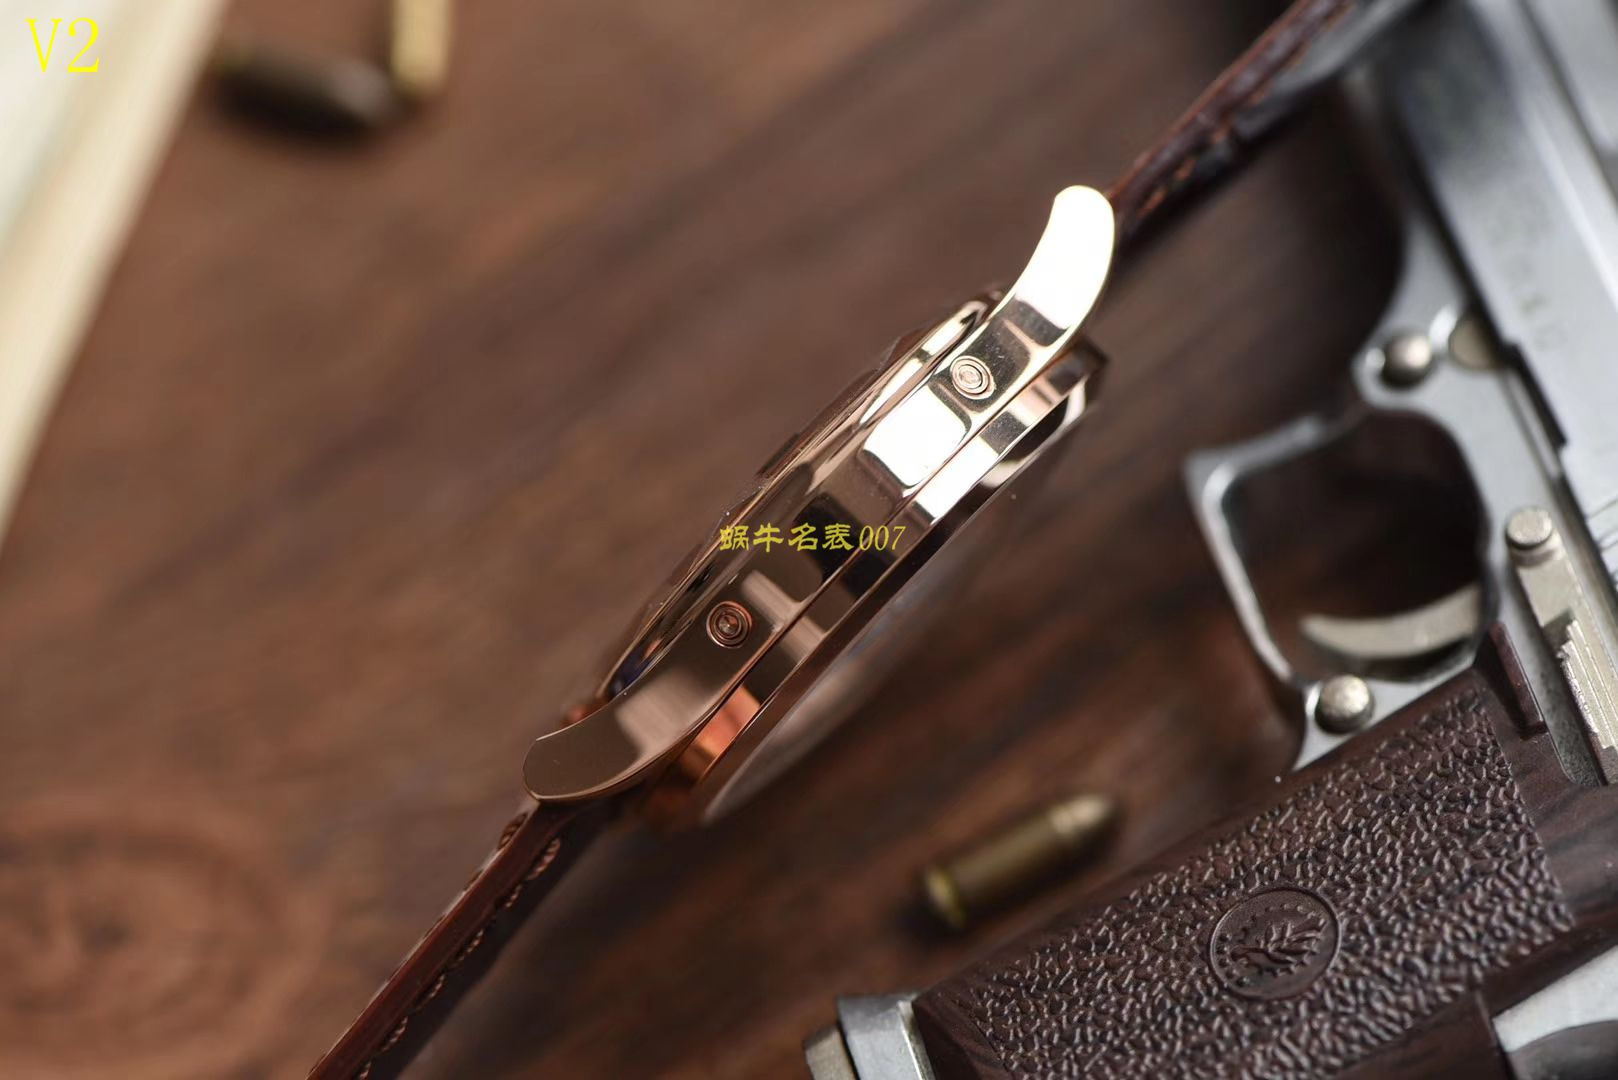 【台湾厂一比一超A高仿手表】百达翡丽复杂功能计时系列5396G 玫瑰金男表